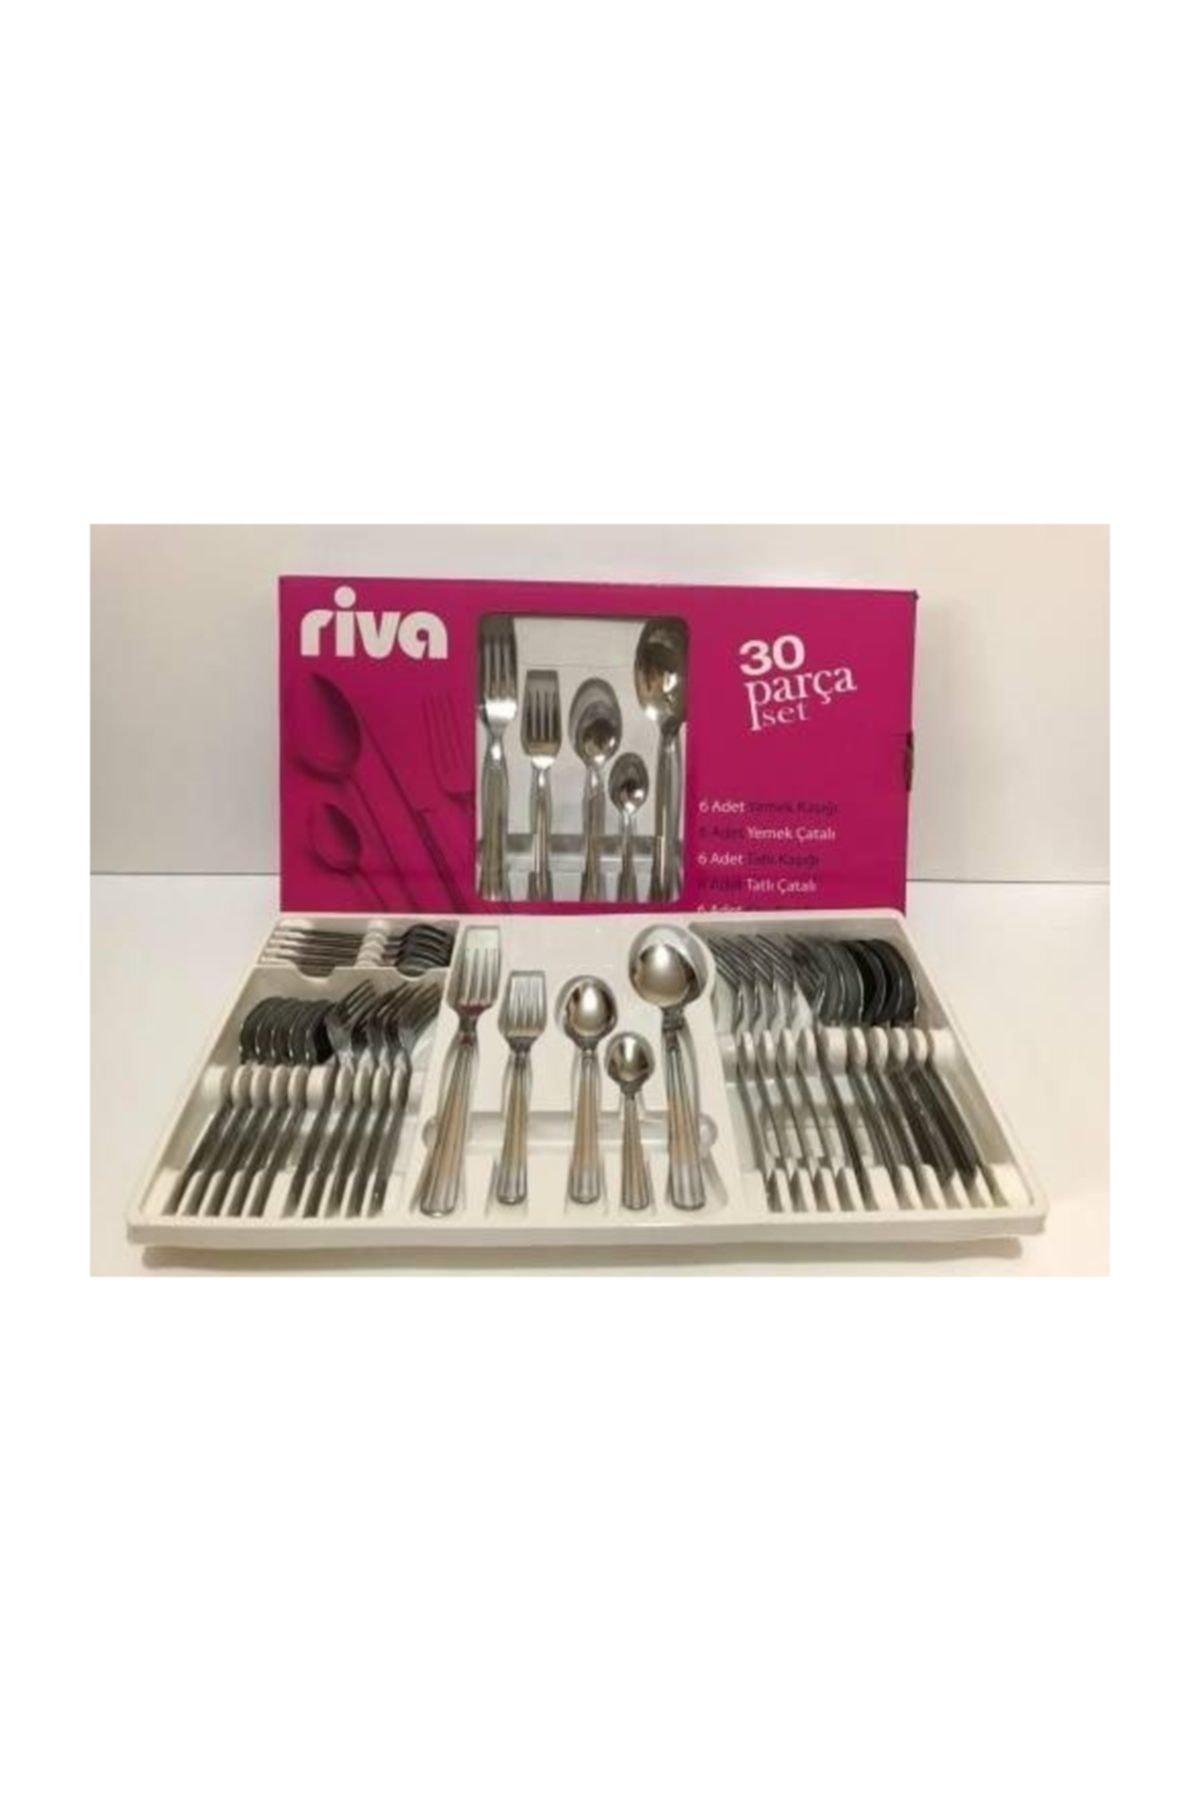 Riva 30 Parça Çatal Kaşık Takımı Yemek Kaşığı Yemek Çatalı Tatlı Kaşığı Tatlı Çatalı Çay Kaşığı Set 1